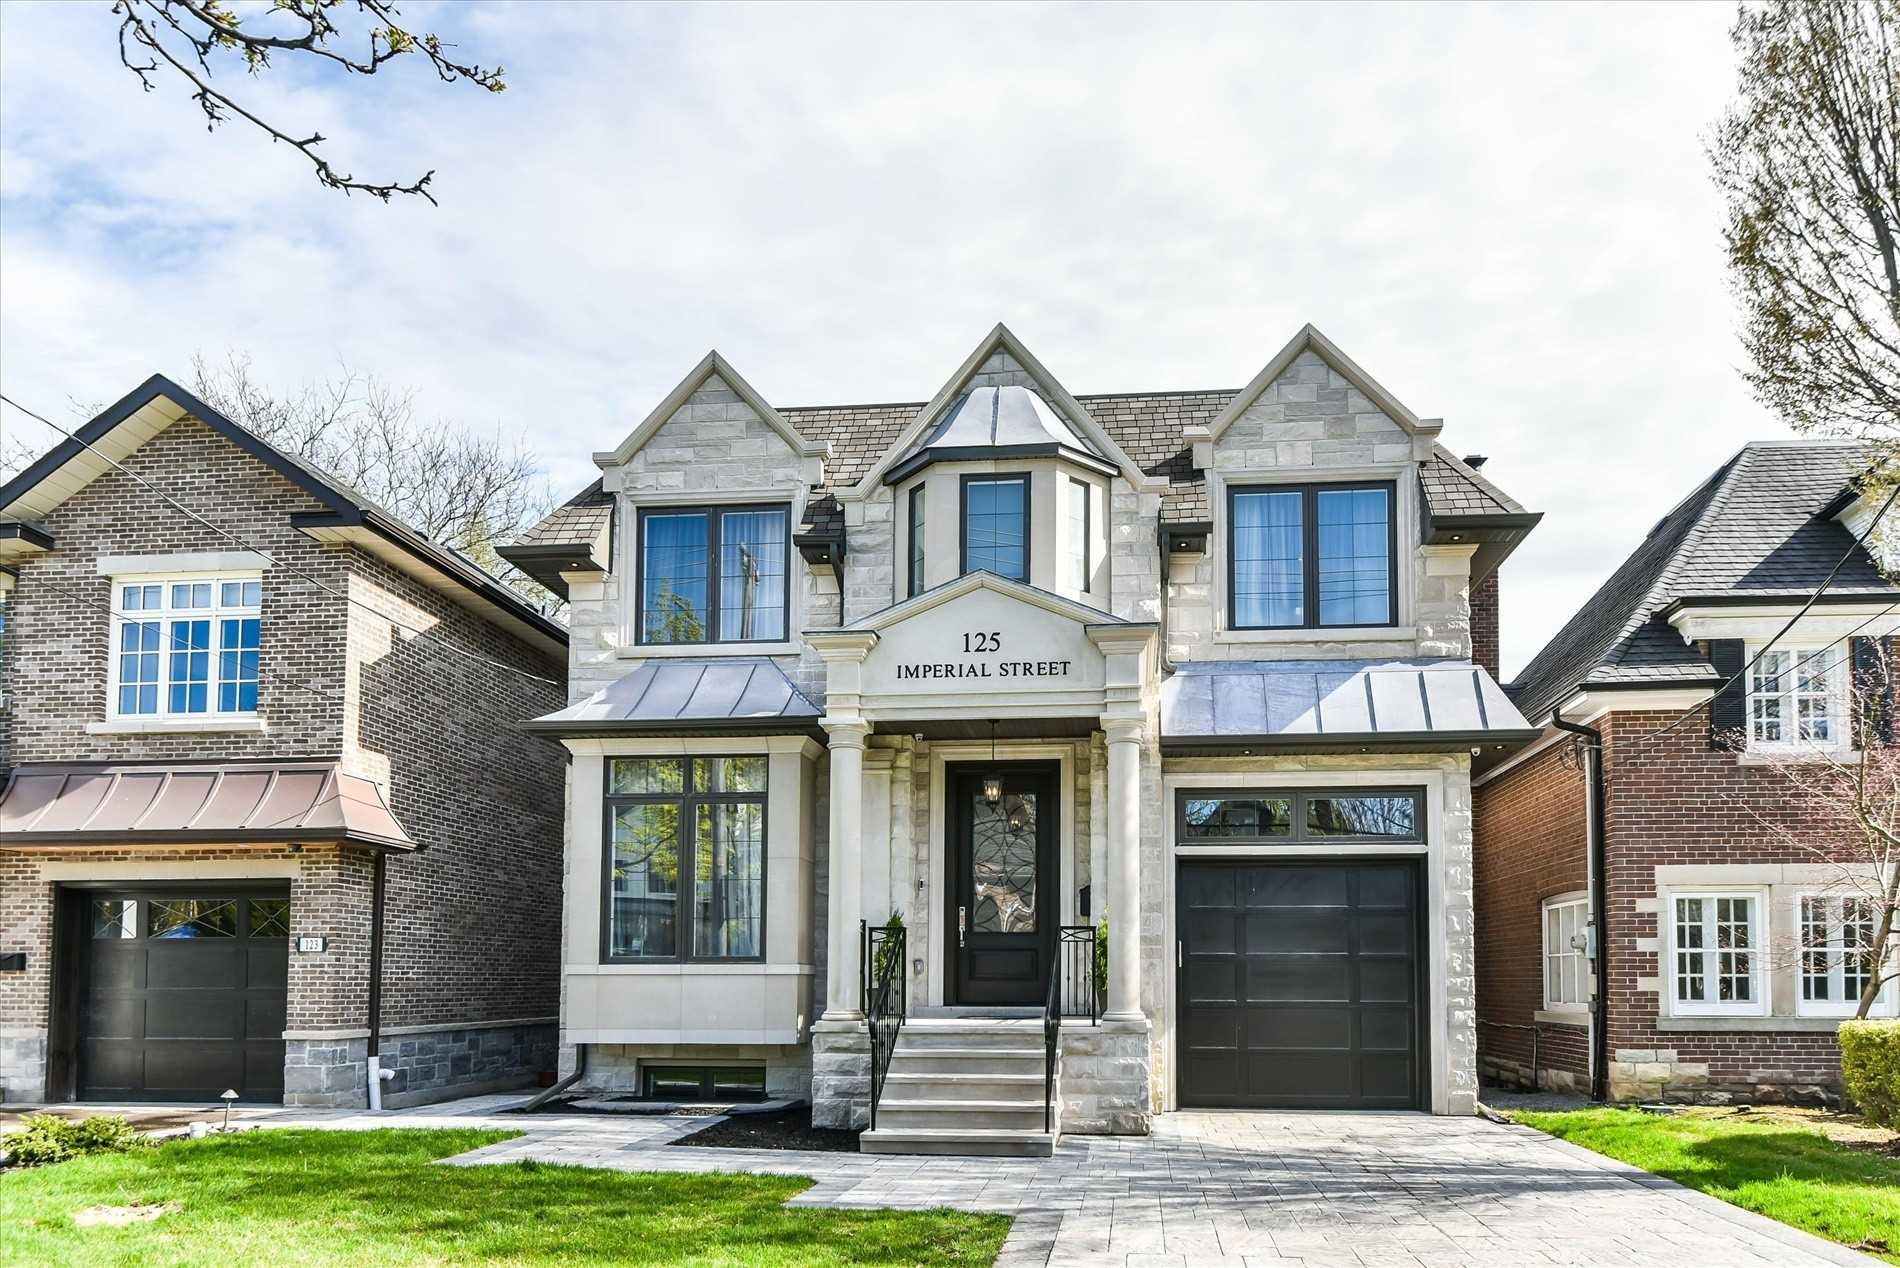 125 Imperial St, Toronto, Ontario M5P1C7, 4 Bedrooms Bedrooms, 9 Rooms Rooms,7 BathroomsBathrooms,Detached,For Sale,Imperial,C5169382